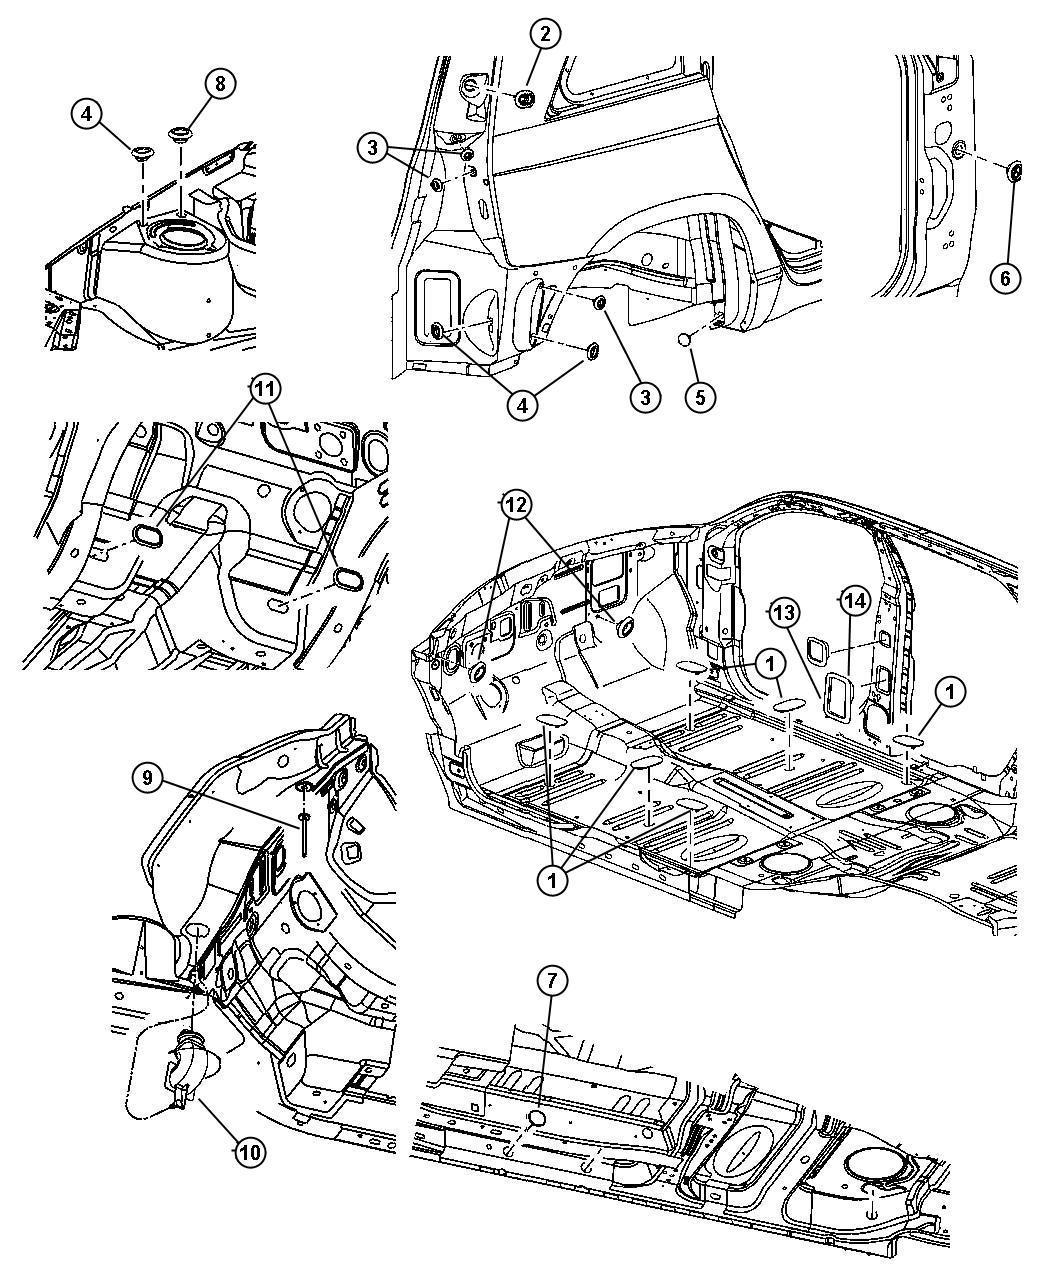 AWD, 3.5L V6 24V MPI, 4-Spd. Automatic Plugs